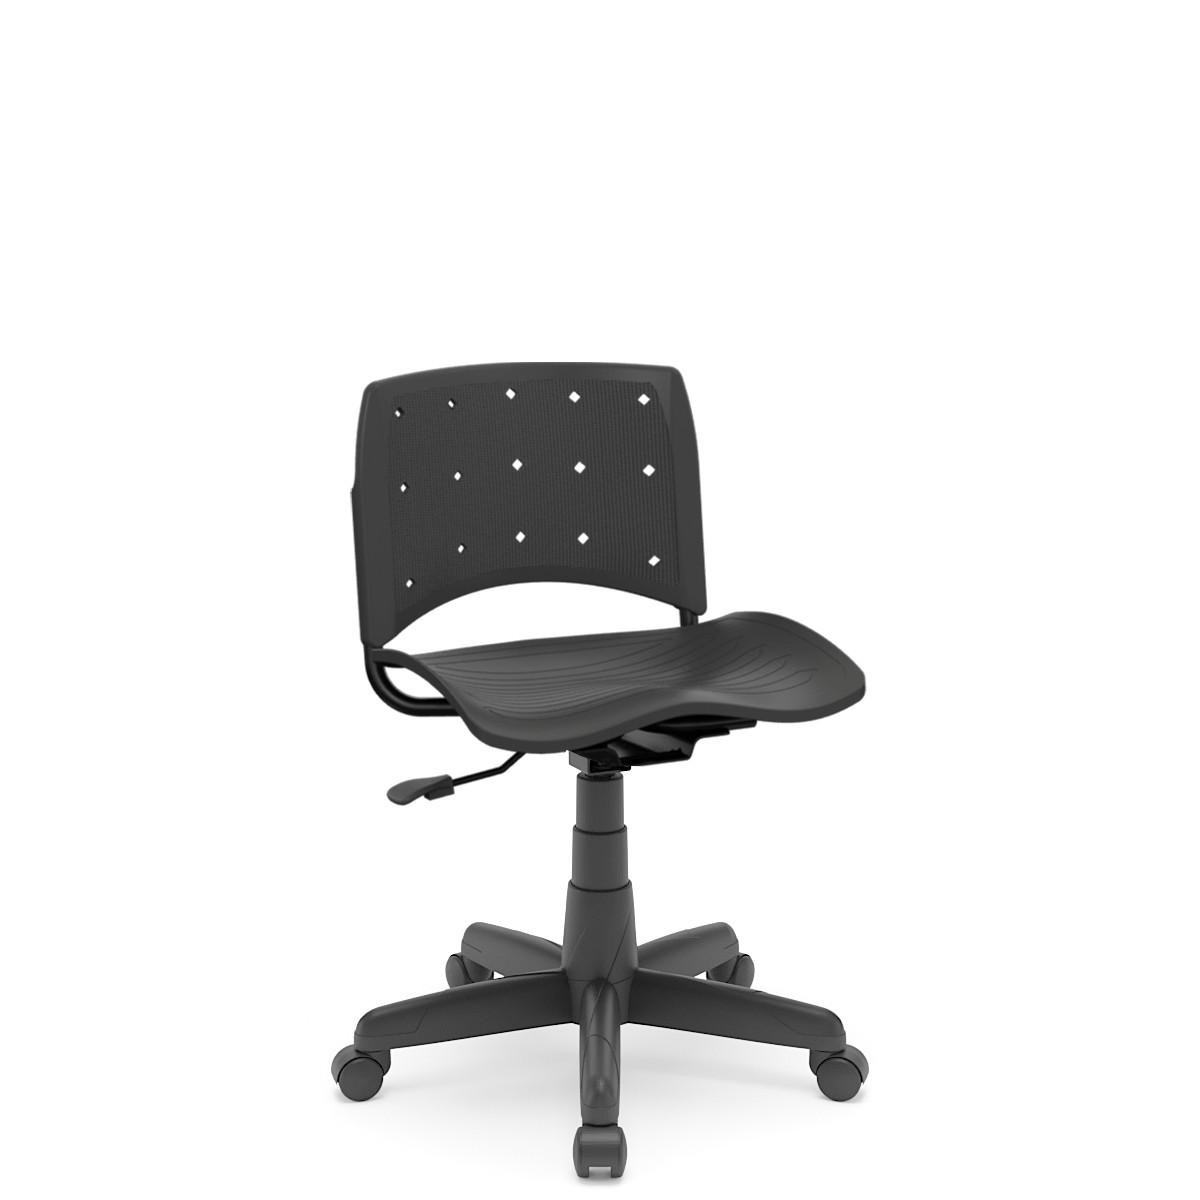 Cadeira Giratória Plaxmetal Ergoplax Secretária Preto